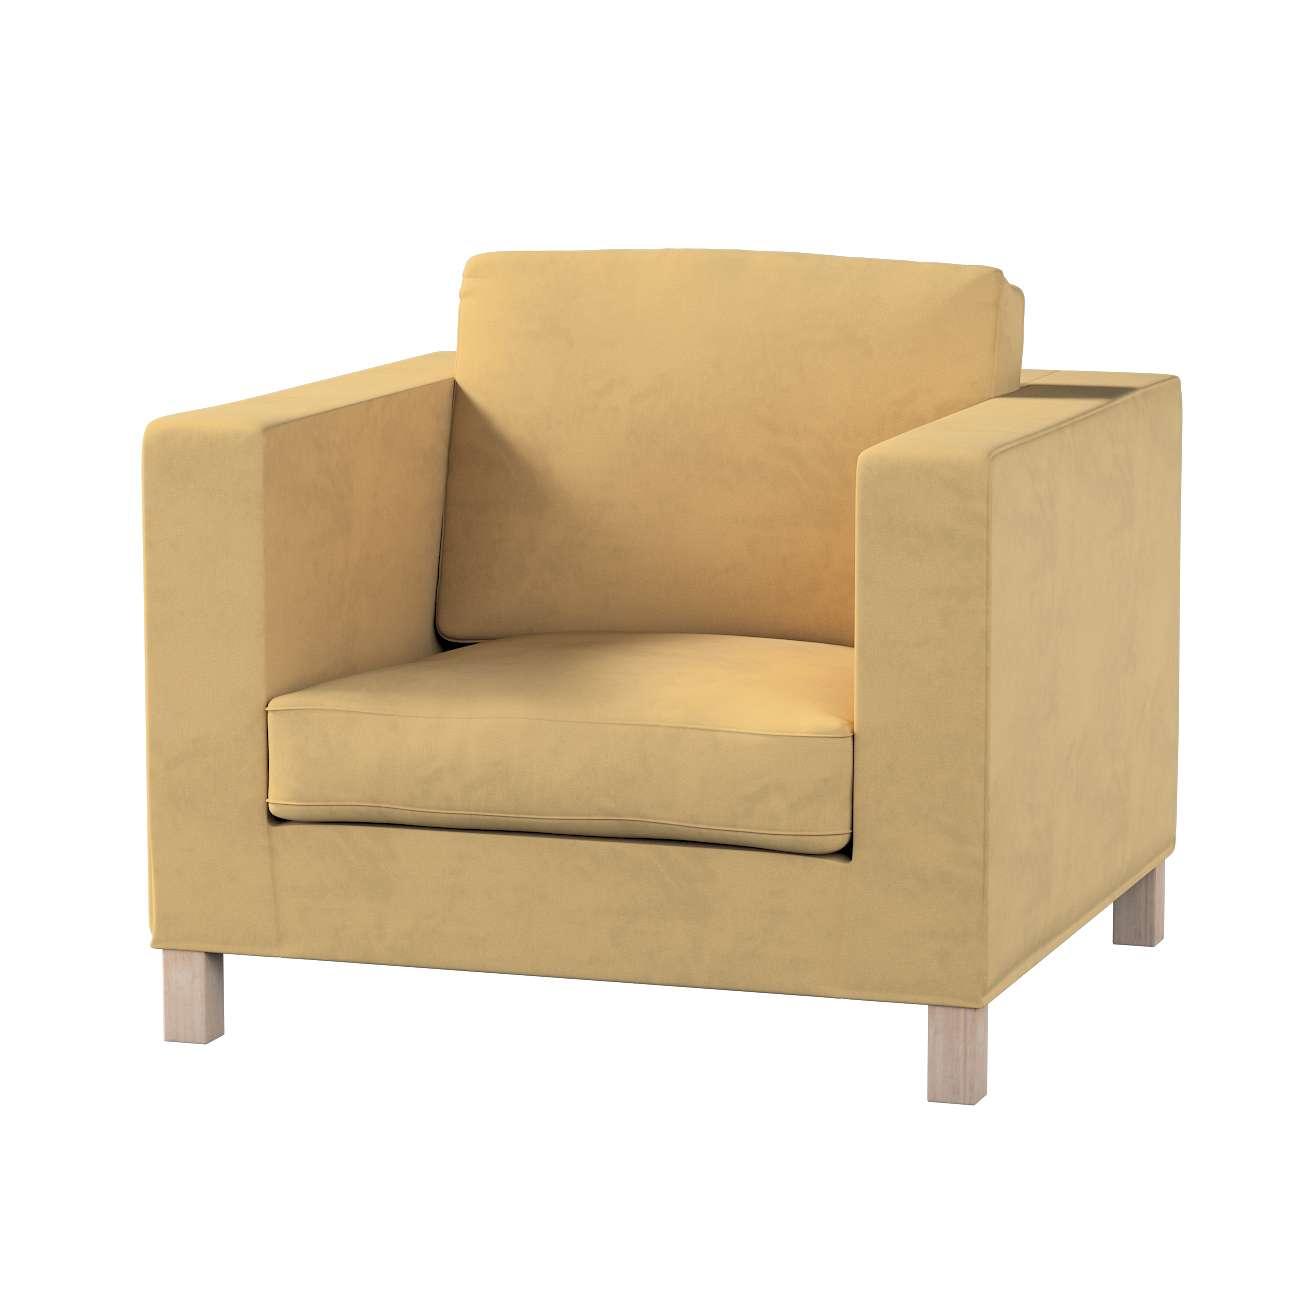 Karlanda päällinen nojatuoli, lyhyt mallistosta Living 2, Kangas: 160-93